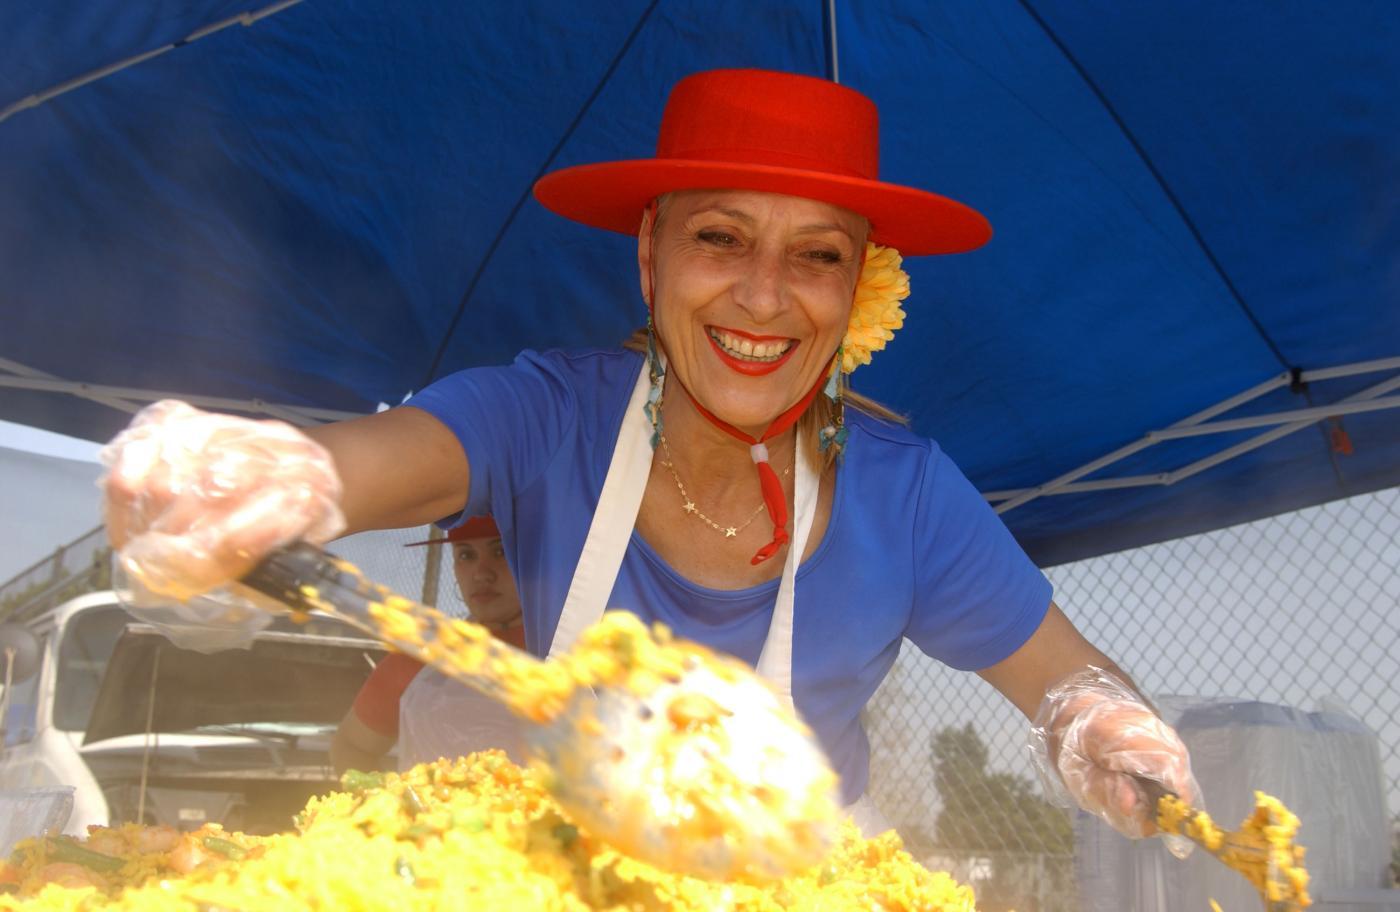 ¿Por qué el mundo no está lleno de restaurantes de cocina española?